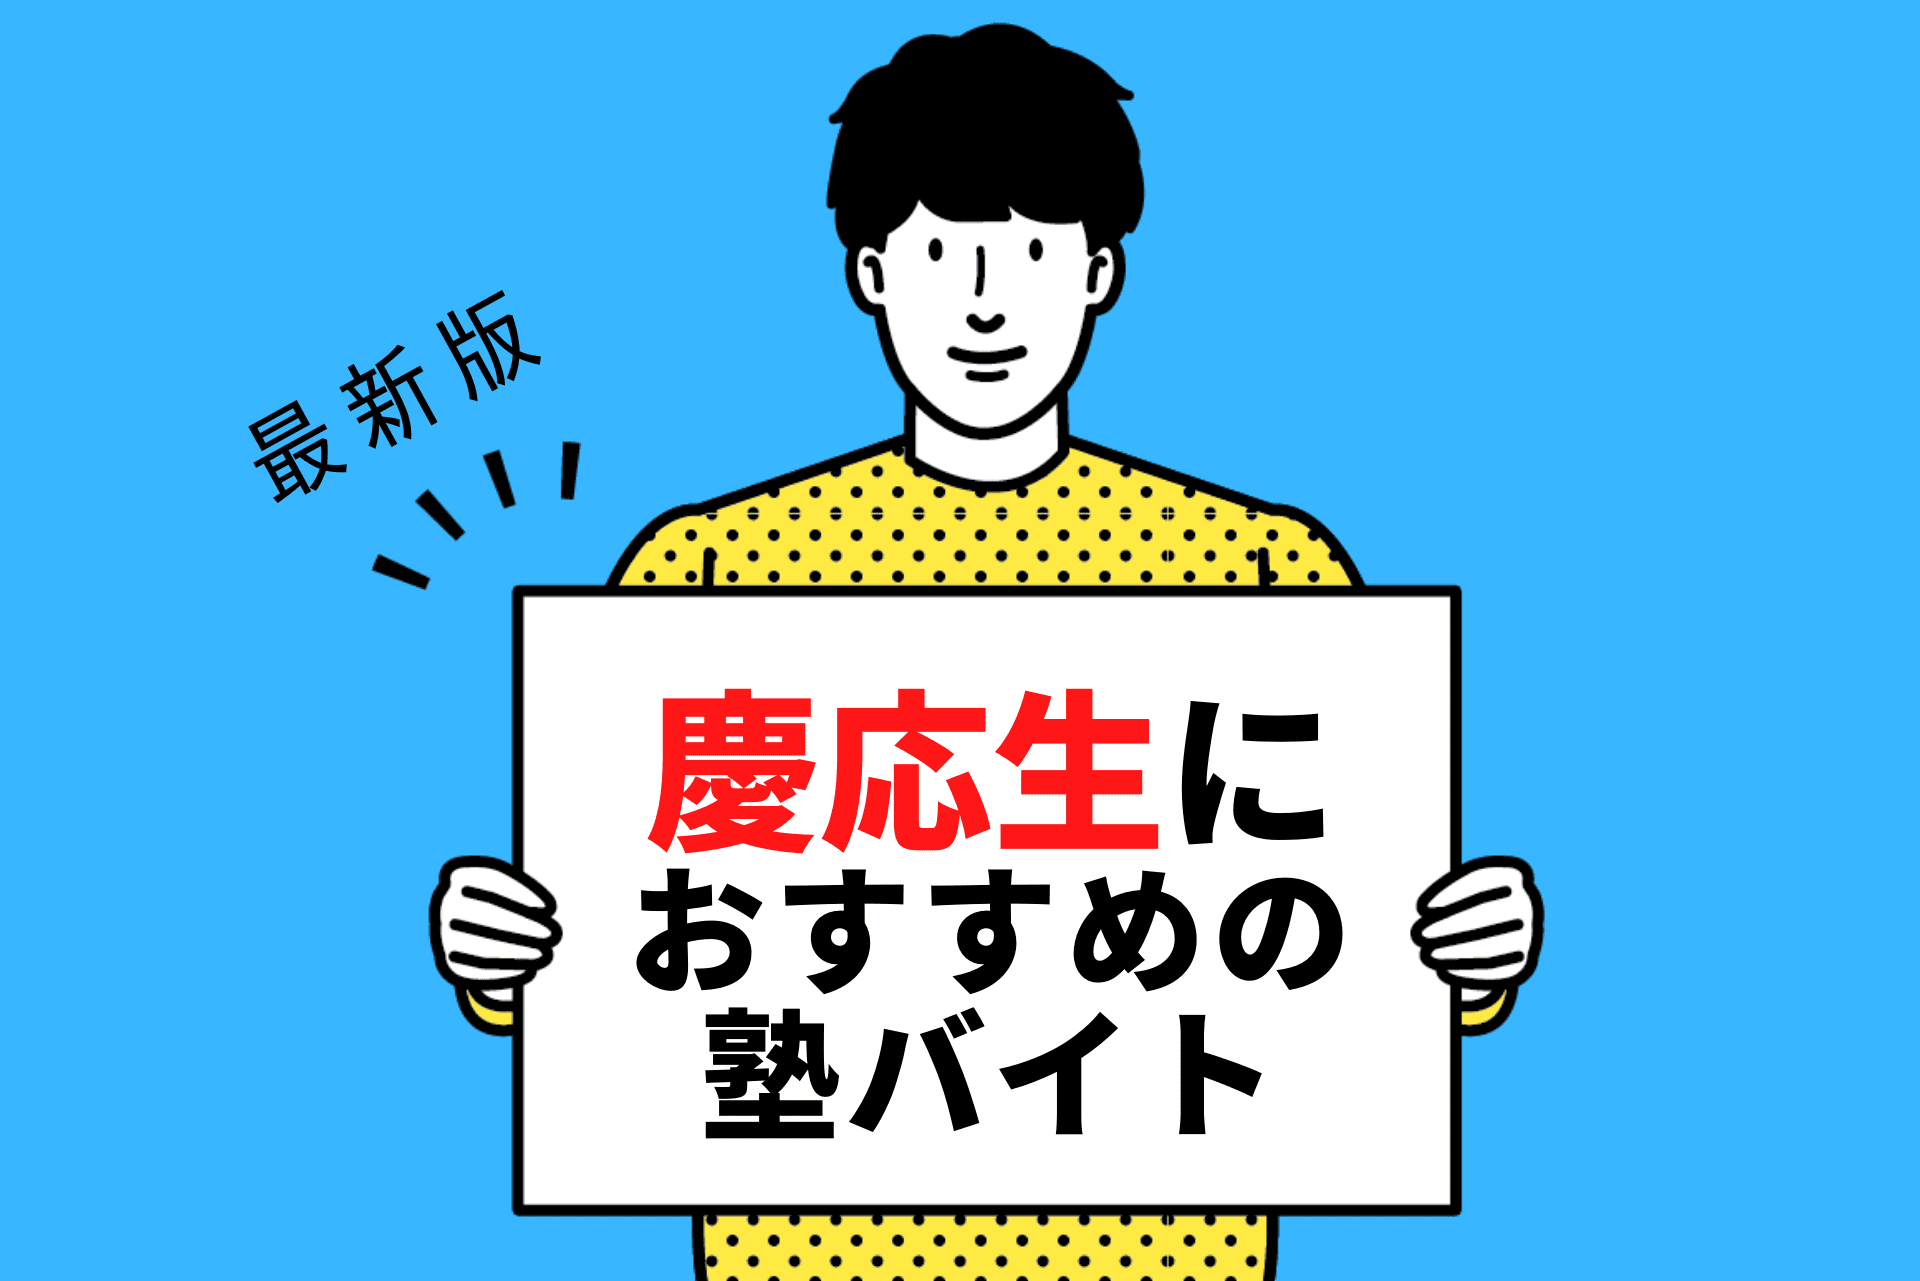 慶應義塾大学の学生さんにおすすめの塾